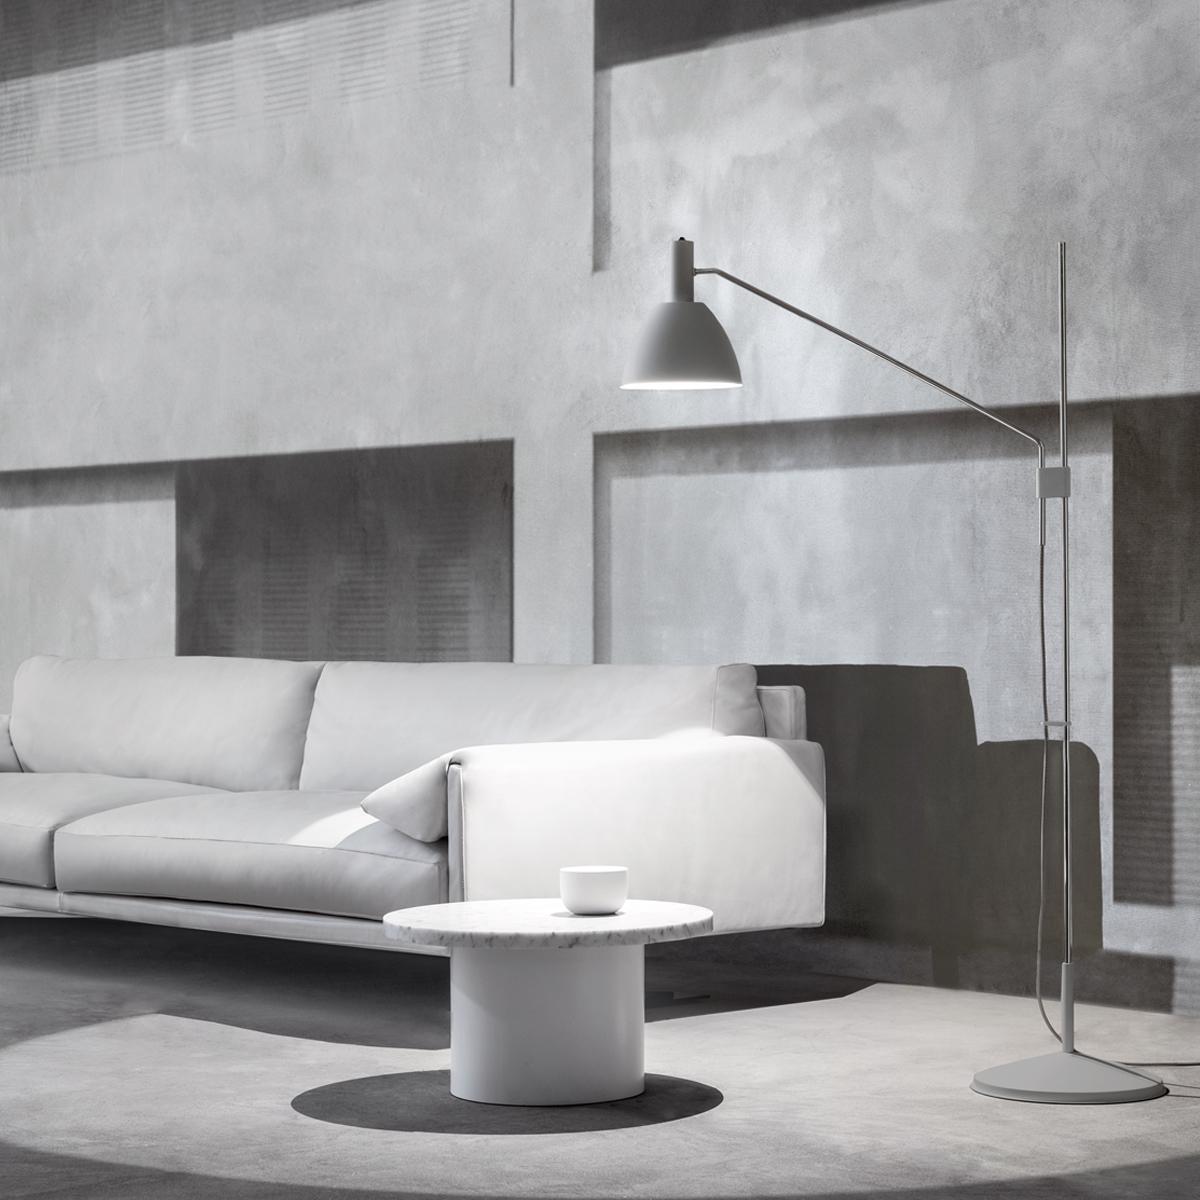 Bauhaus 90 f italia